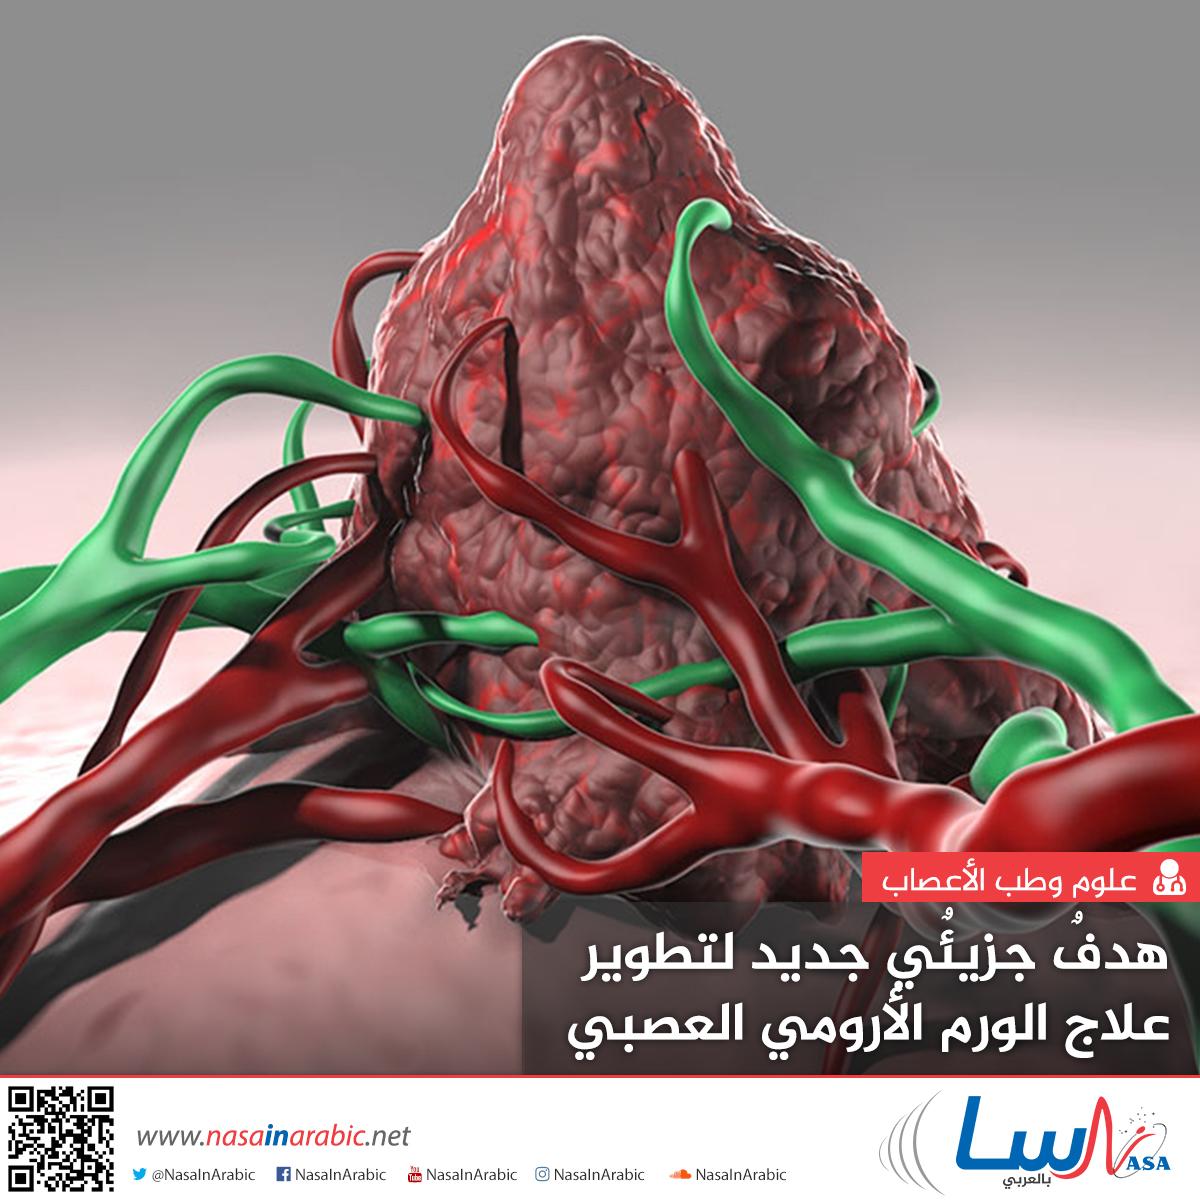 هدف جزيئي جديد لتطوير علاج الورم الأرومي العصبي